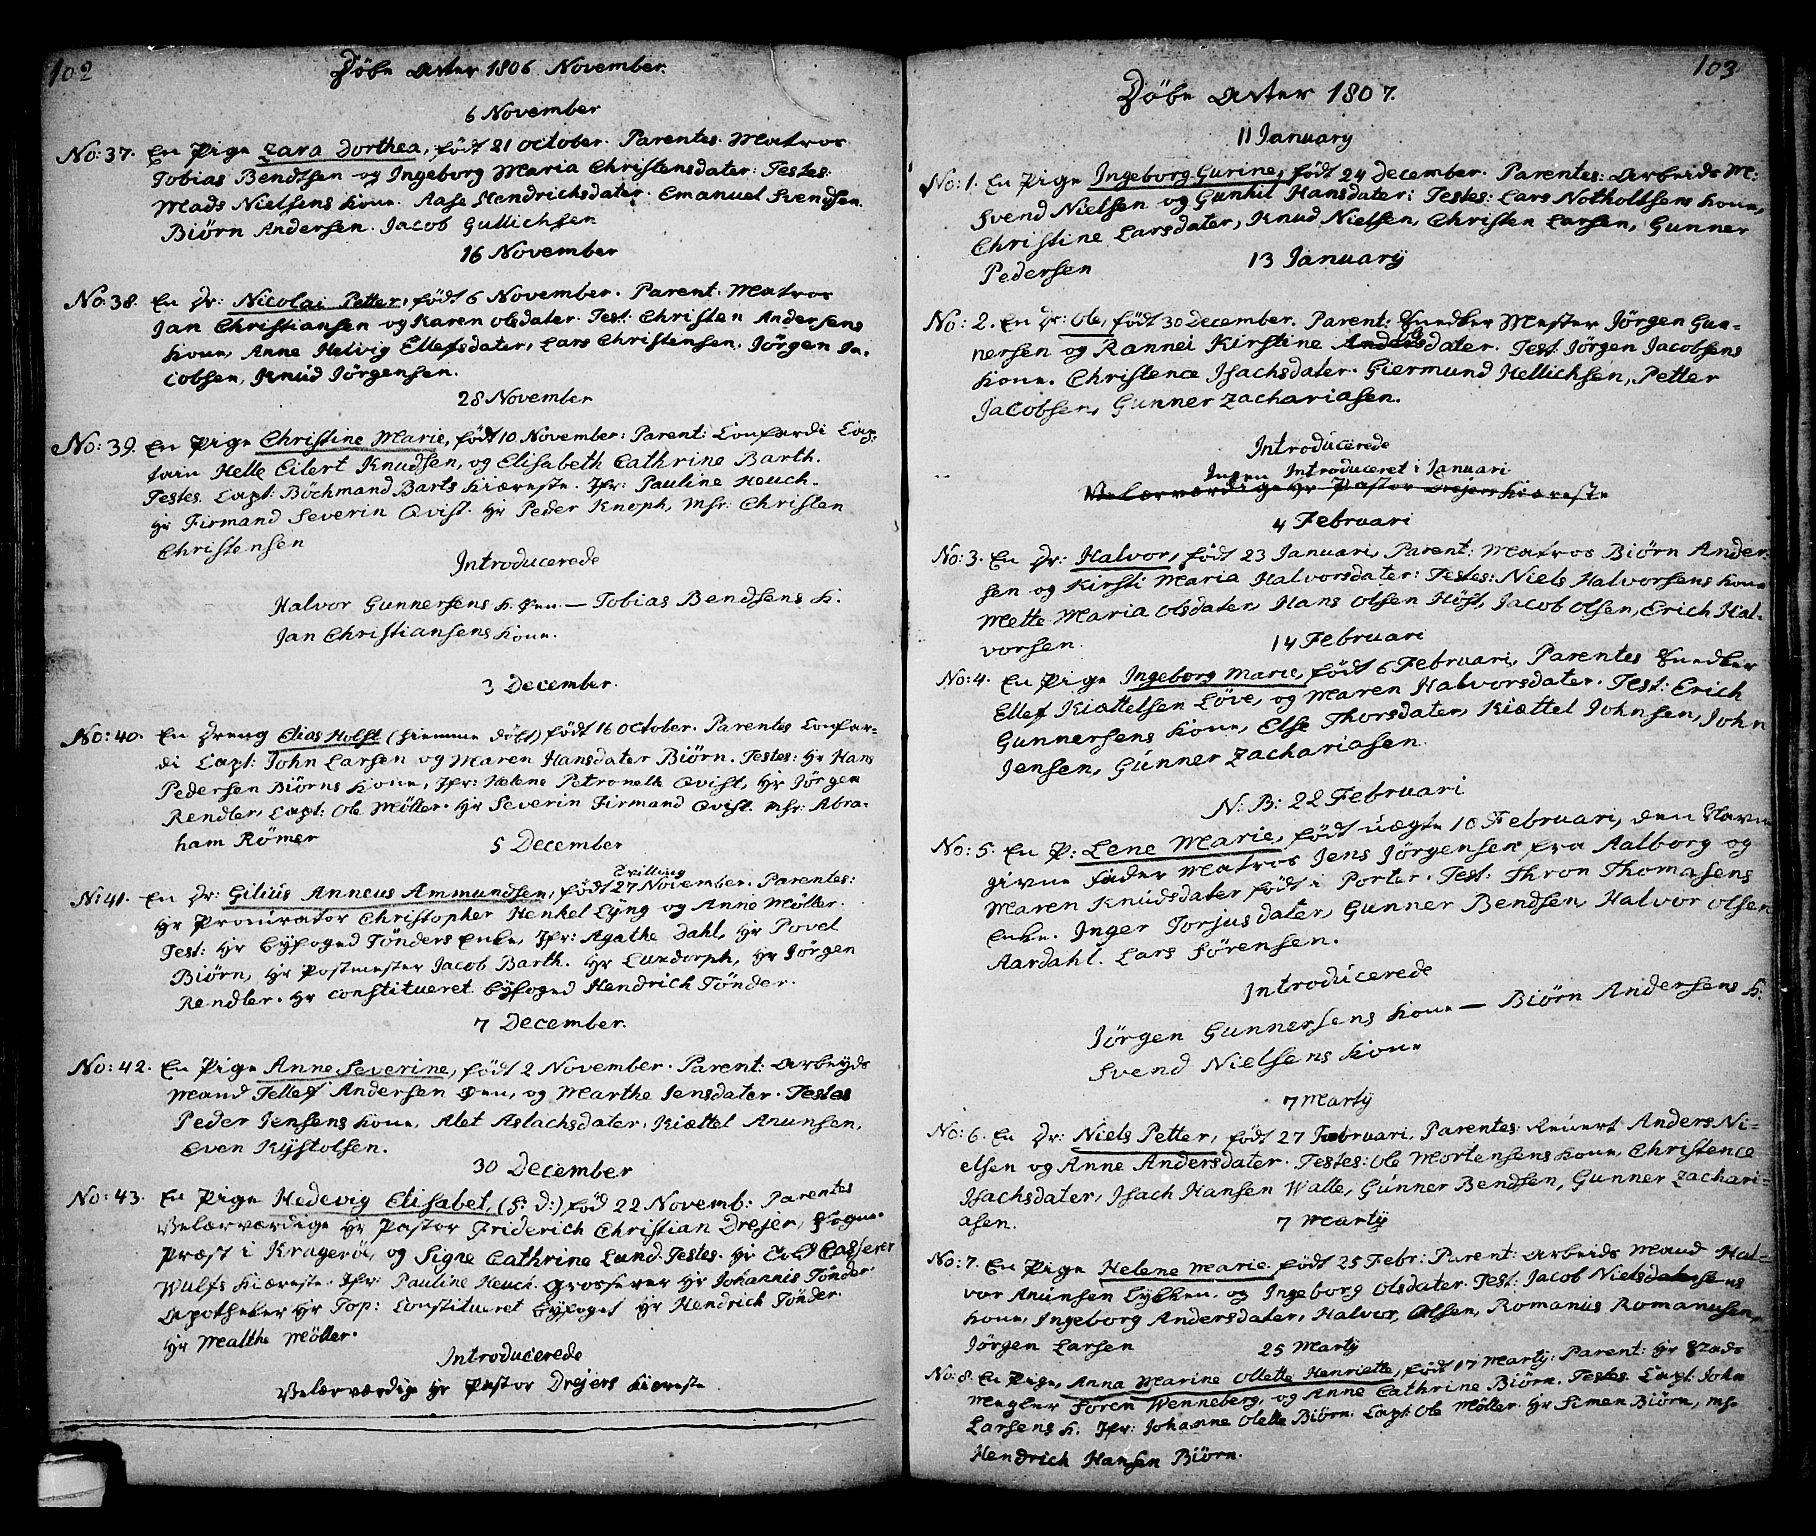 SAKO, Kragerø kirkebøker, G/Ga/L0001: Klokkerbok nr. 1 /1, 1806-1811, s. 102-103